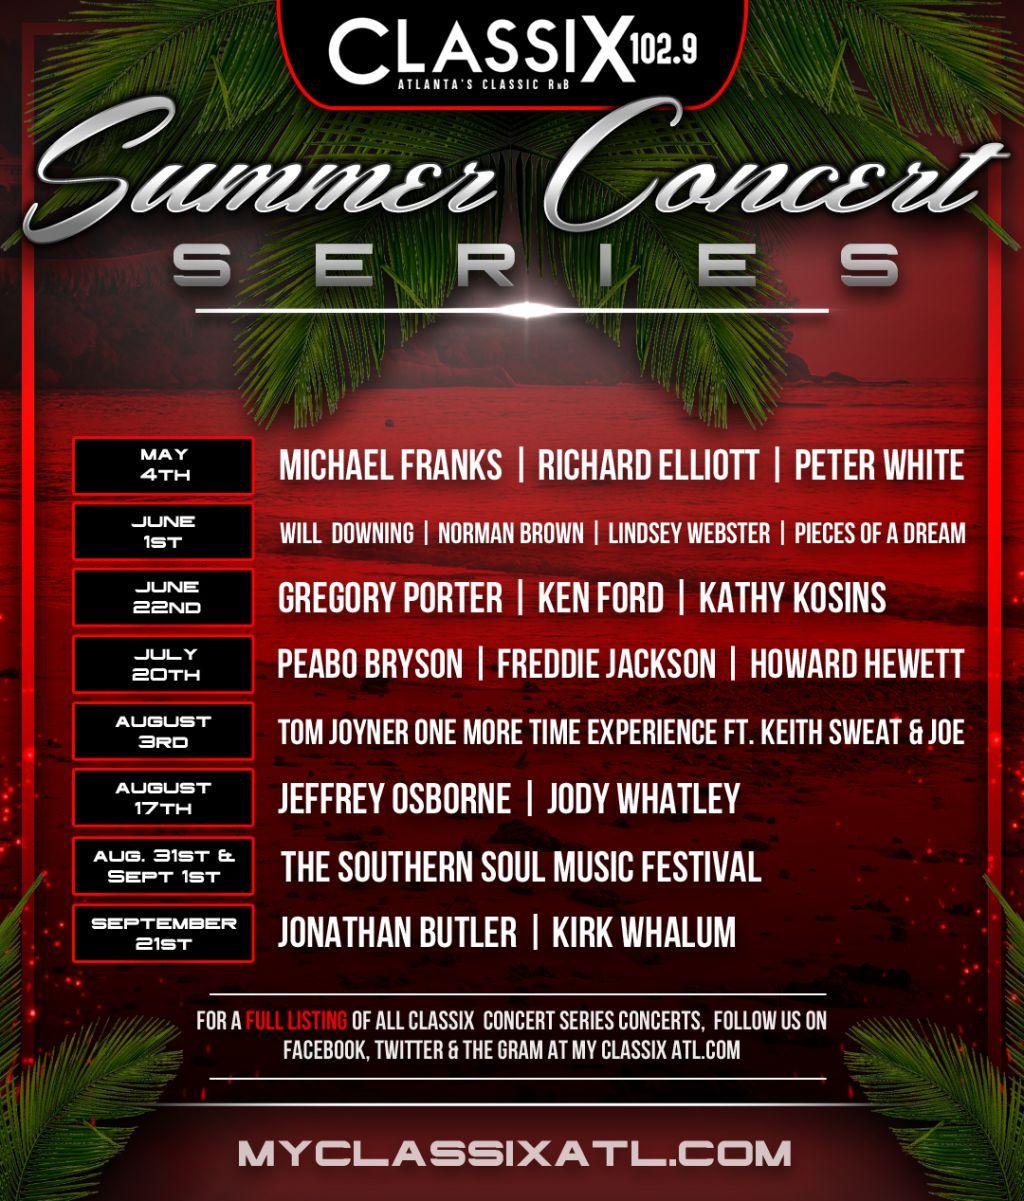 Classix 102.9: Summer Concert Series